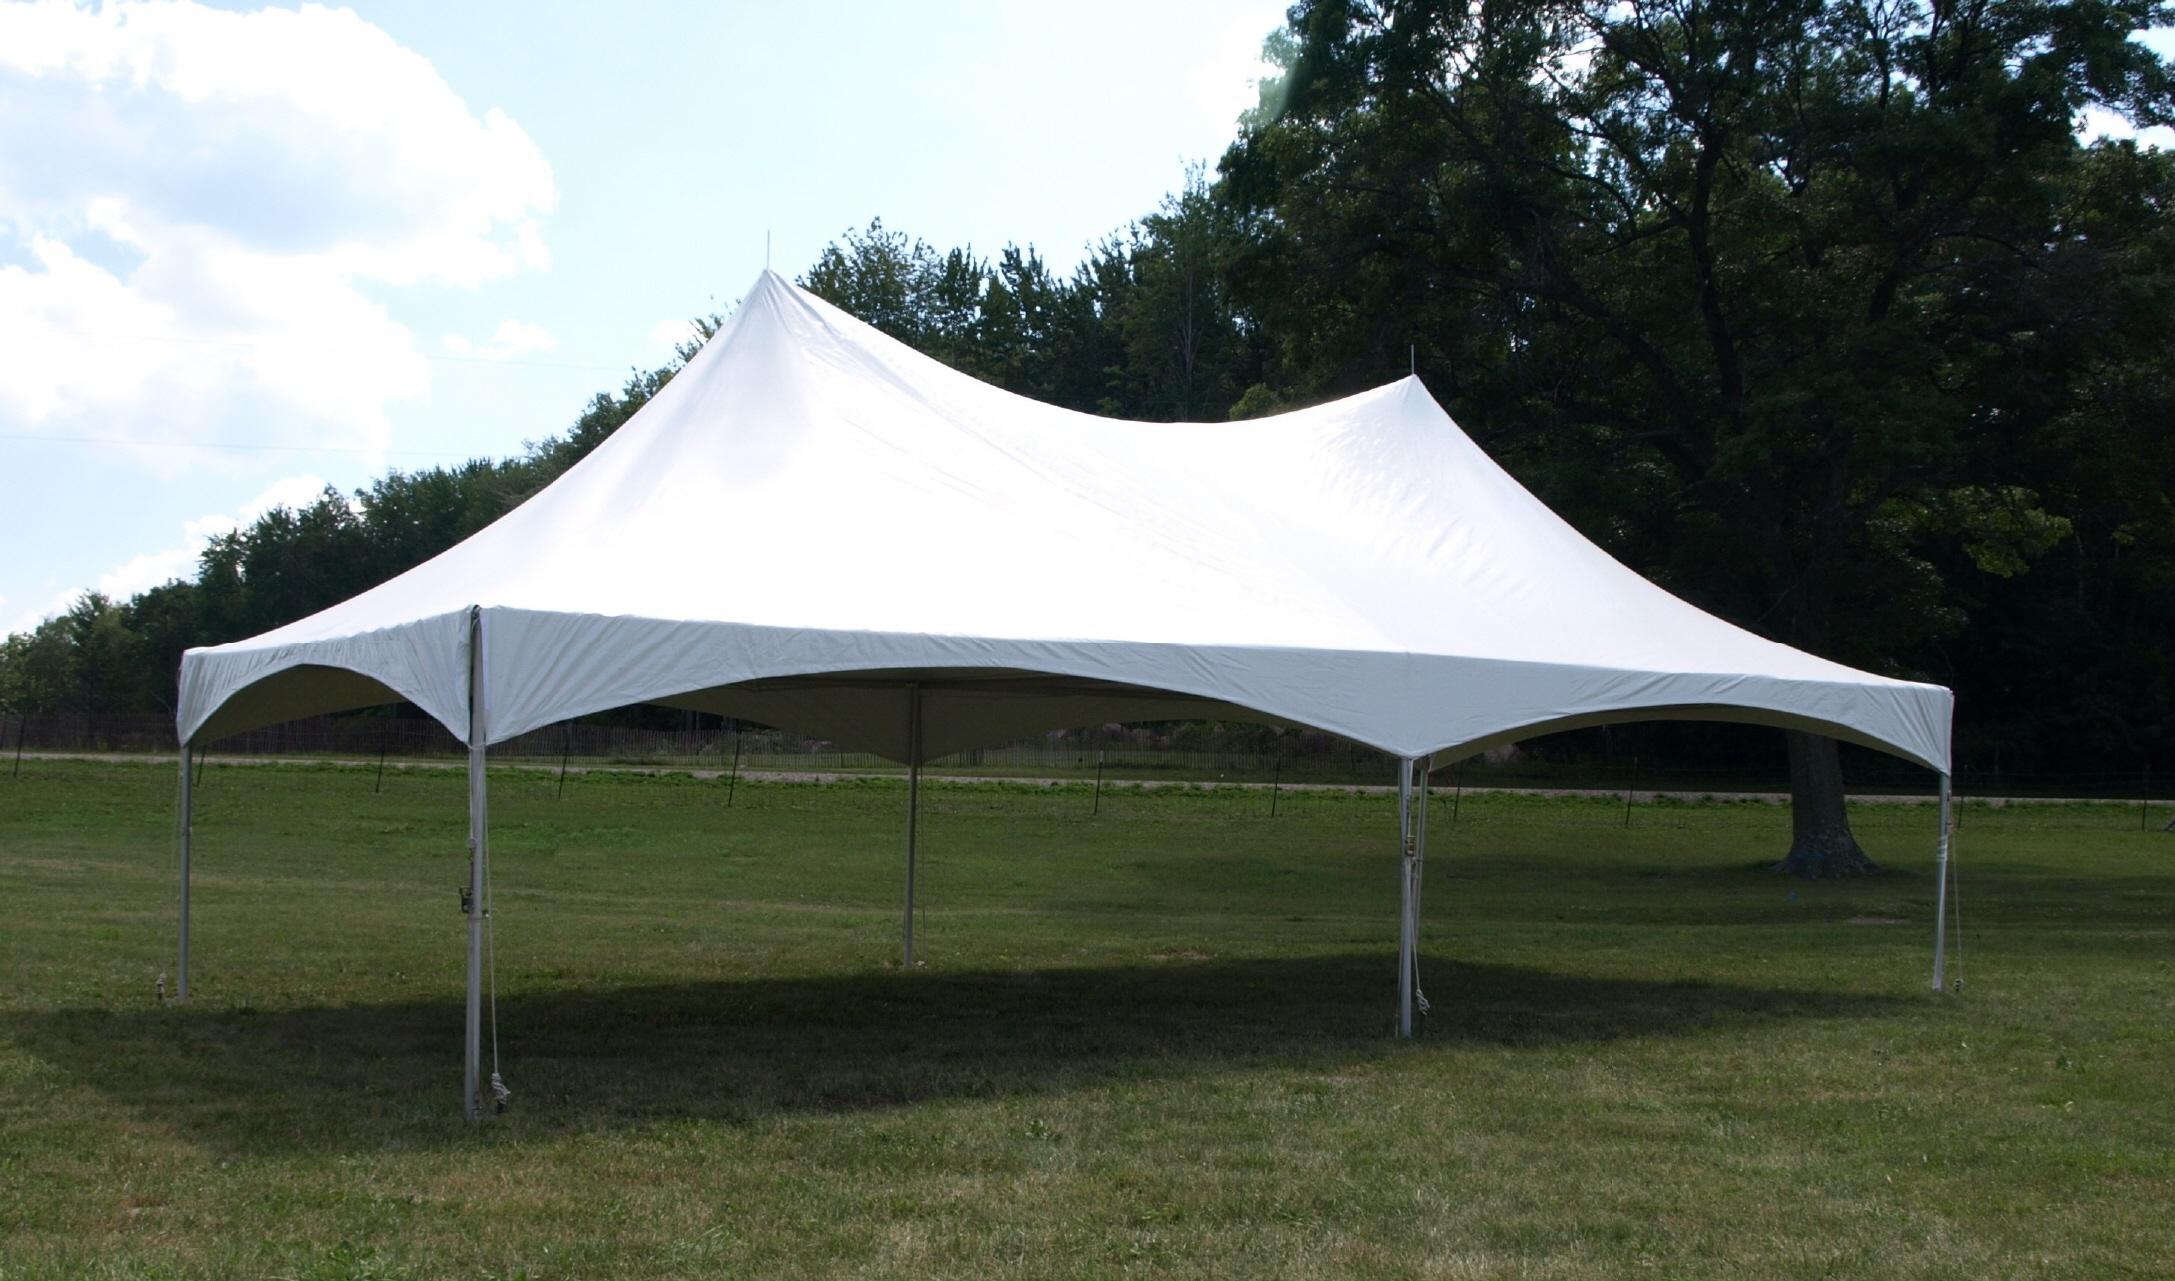 20 x 40 High Peak Frame Tents 1